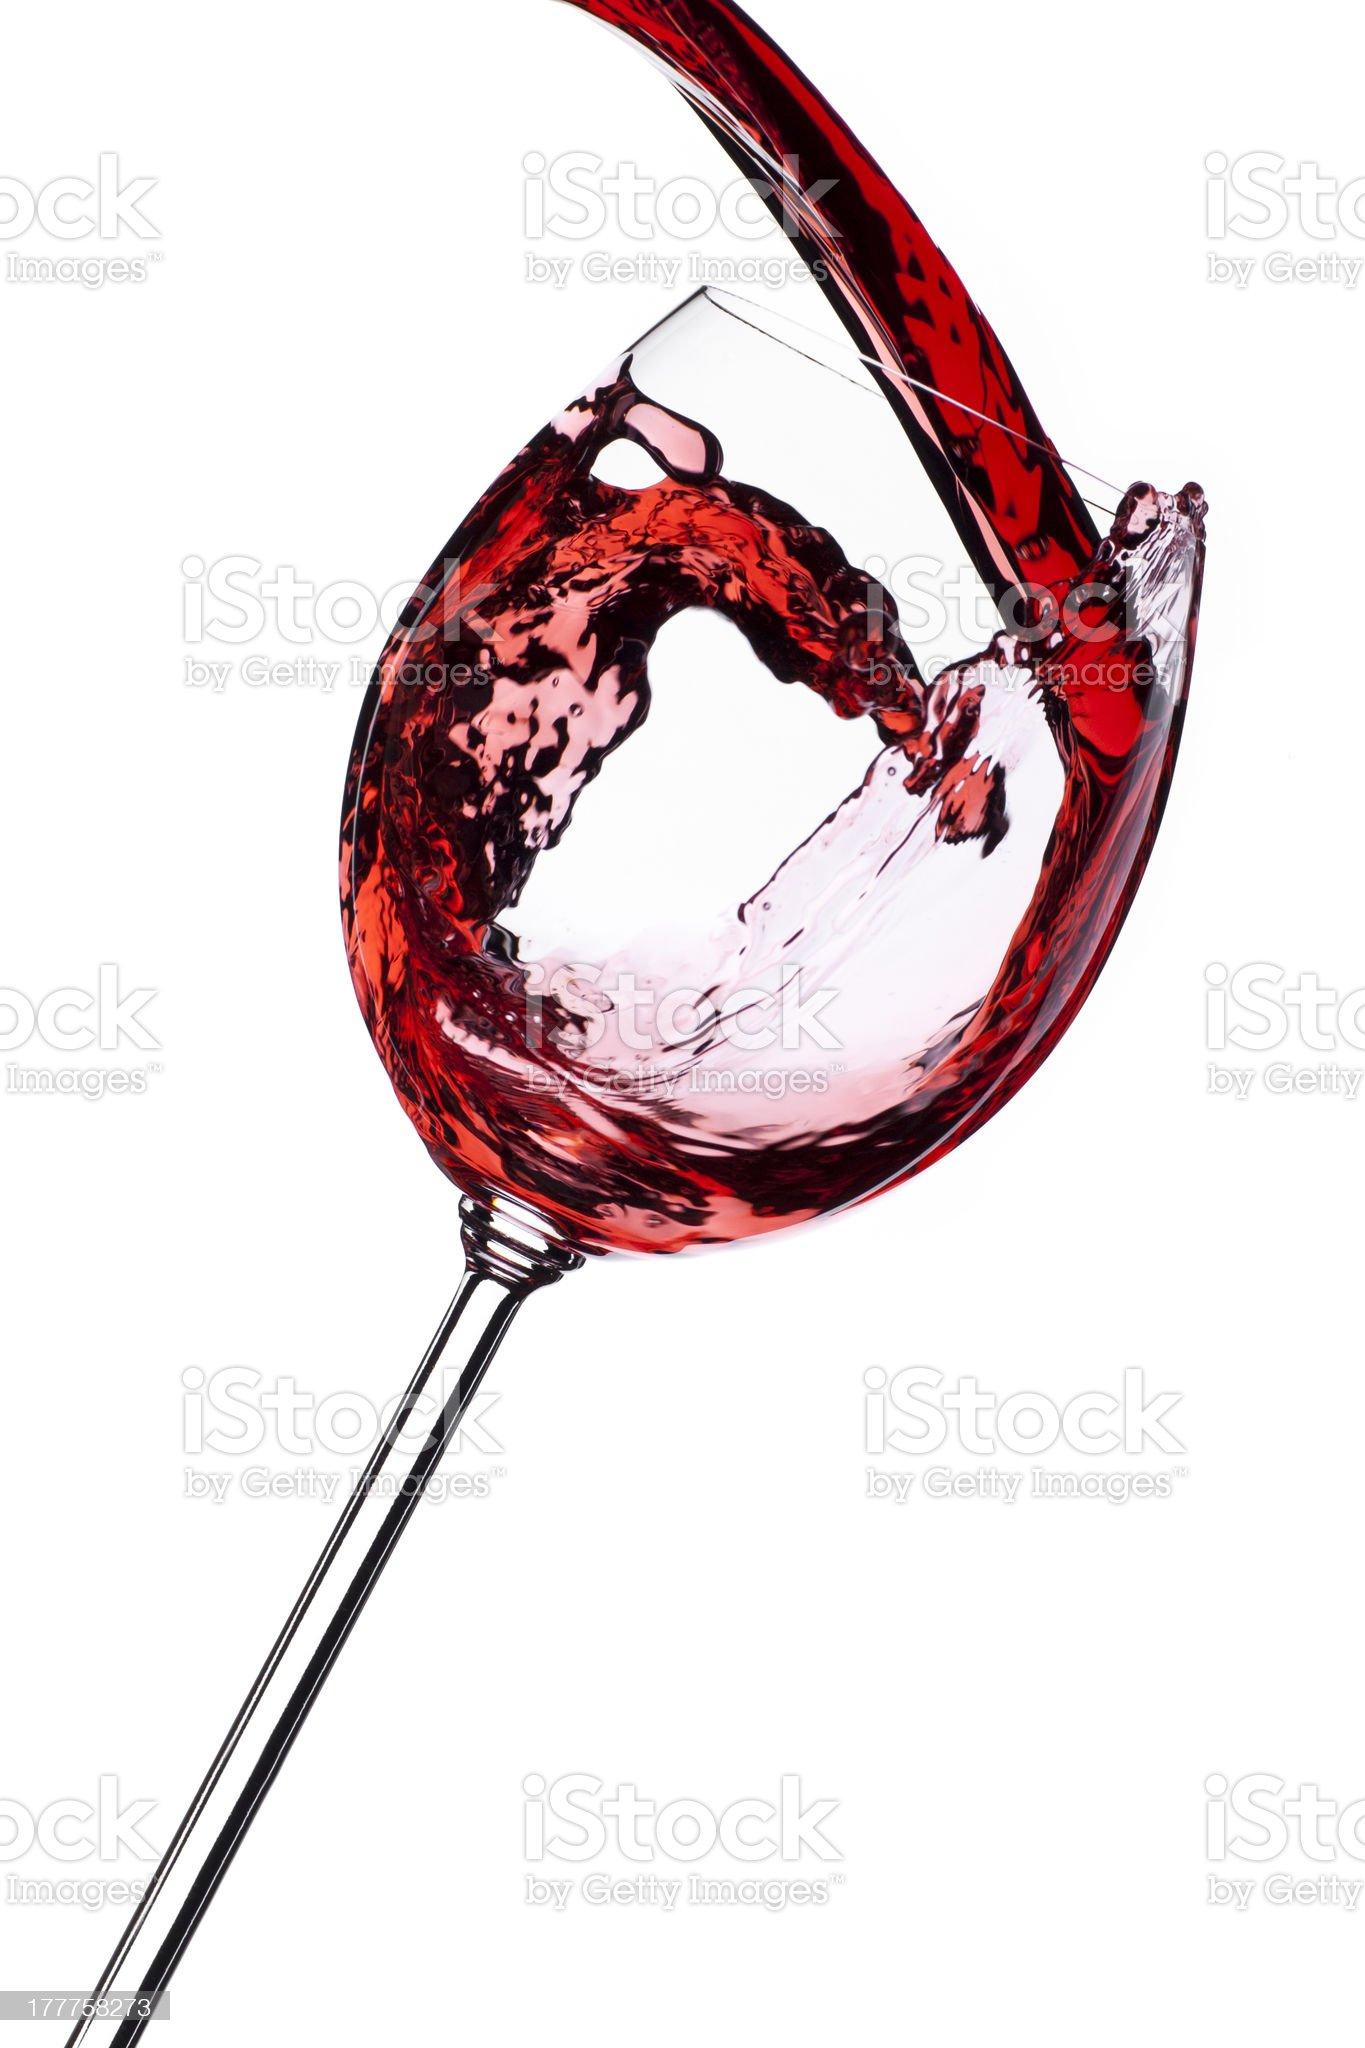 Wine splash isolated on white background royalty-free stock photo